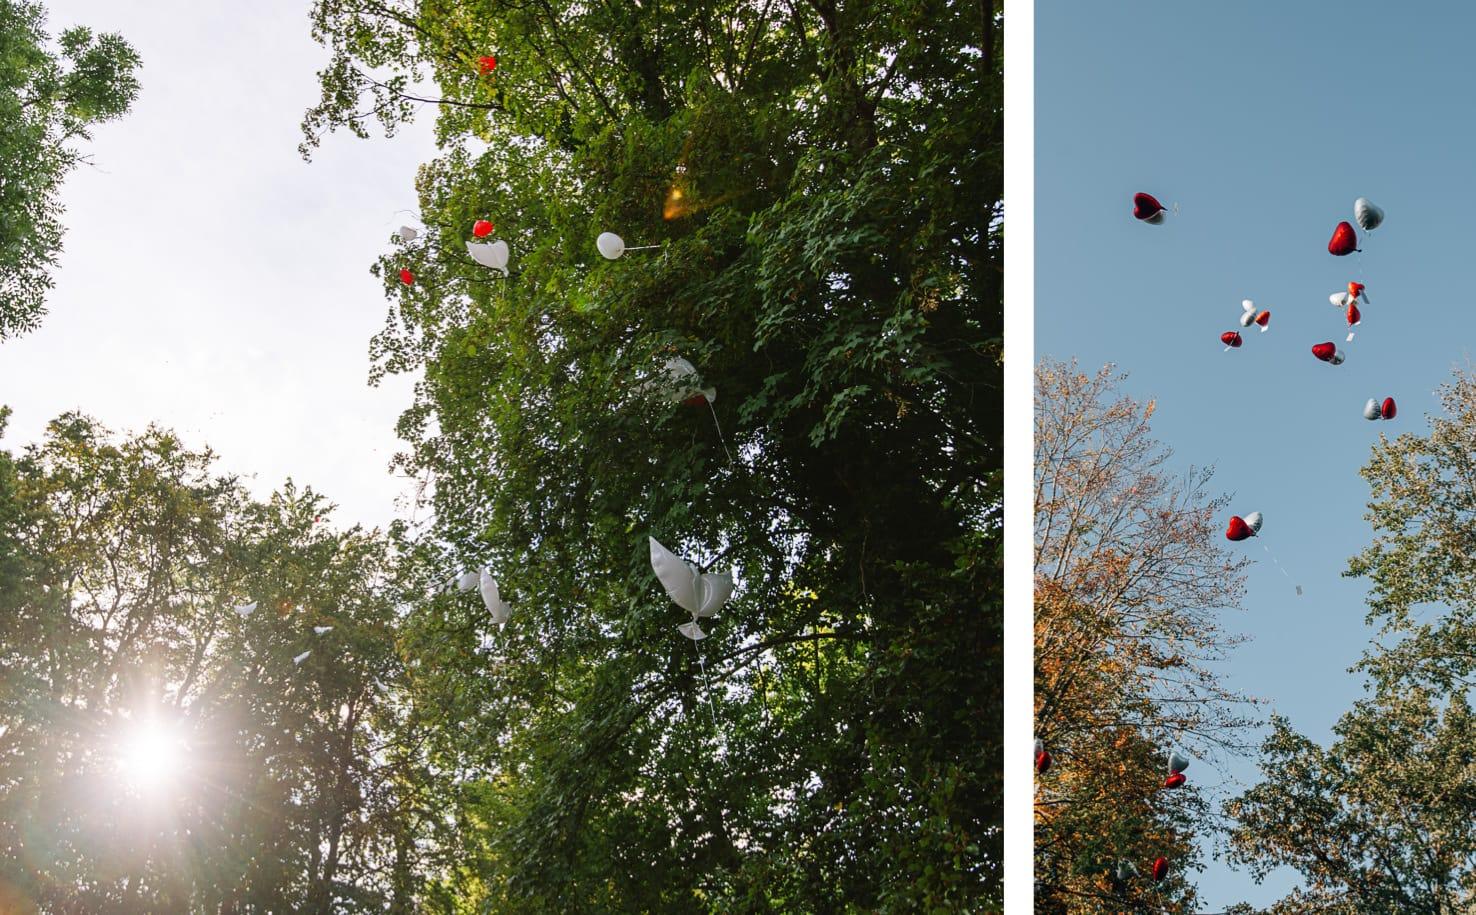 Hochzeitsguide Jung und Wild design: Luftballons steigen lassen